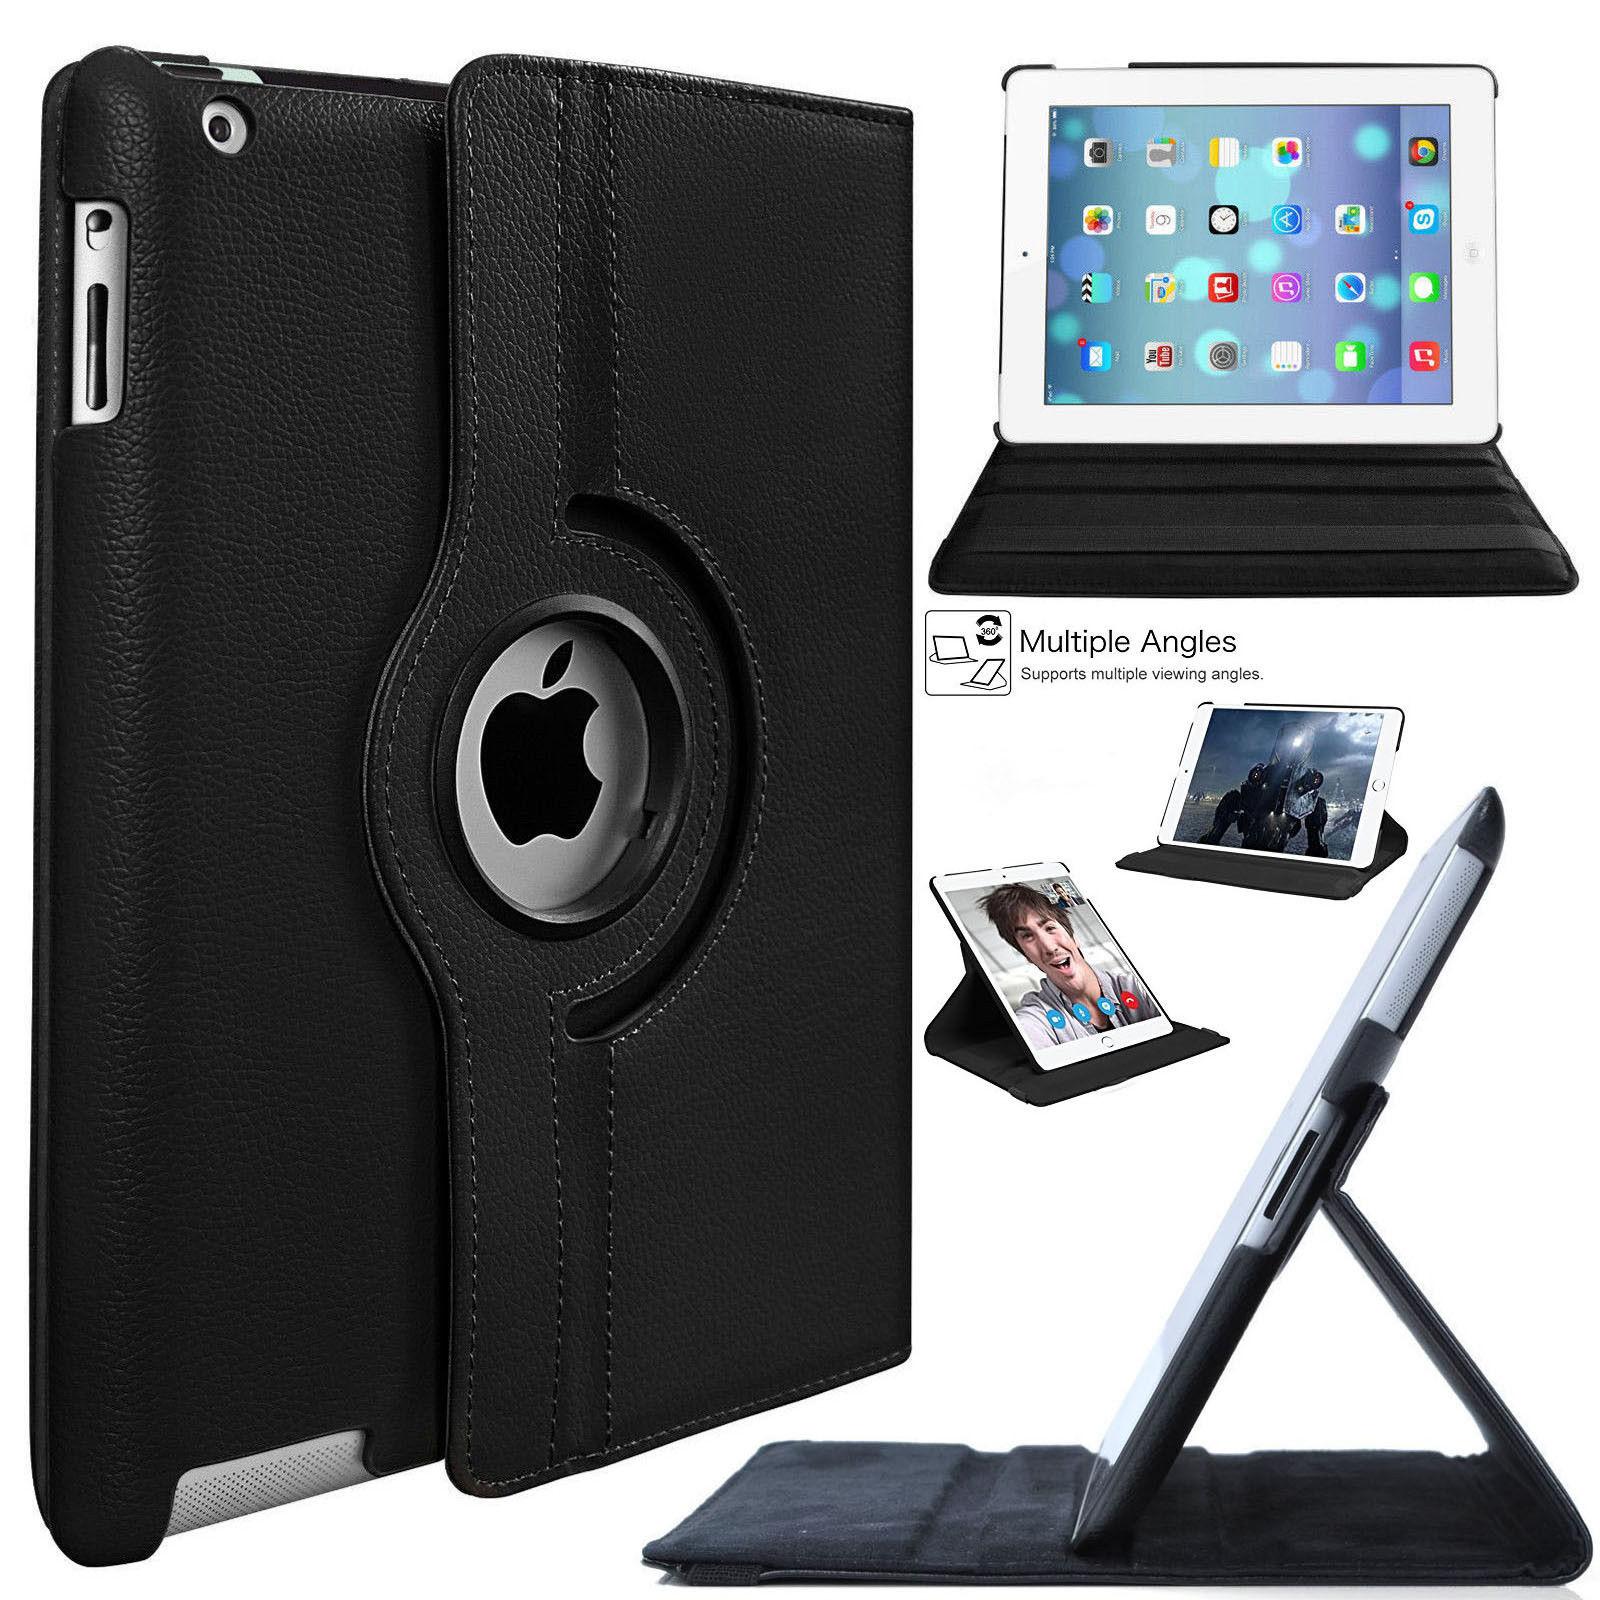 Novo 360 Graus de Rotação de Platina Cor Sólida 3 2 4 Couro Stand Case Capa para iPad Mini Air 9.7 2018